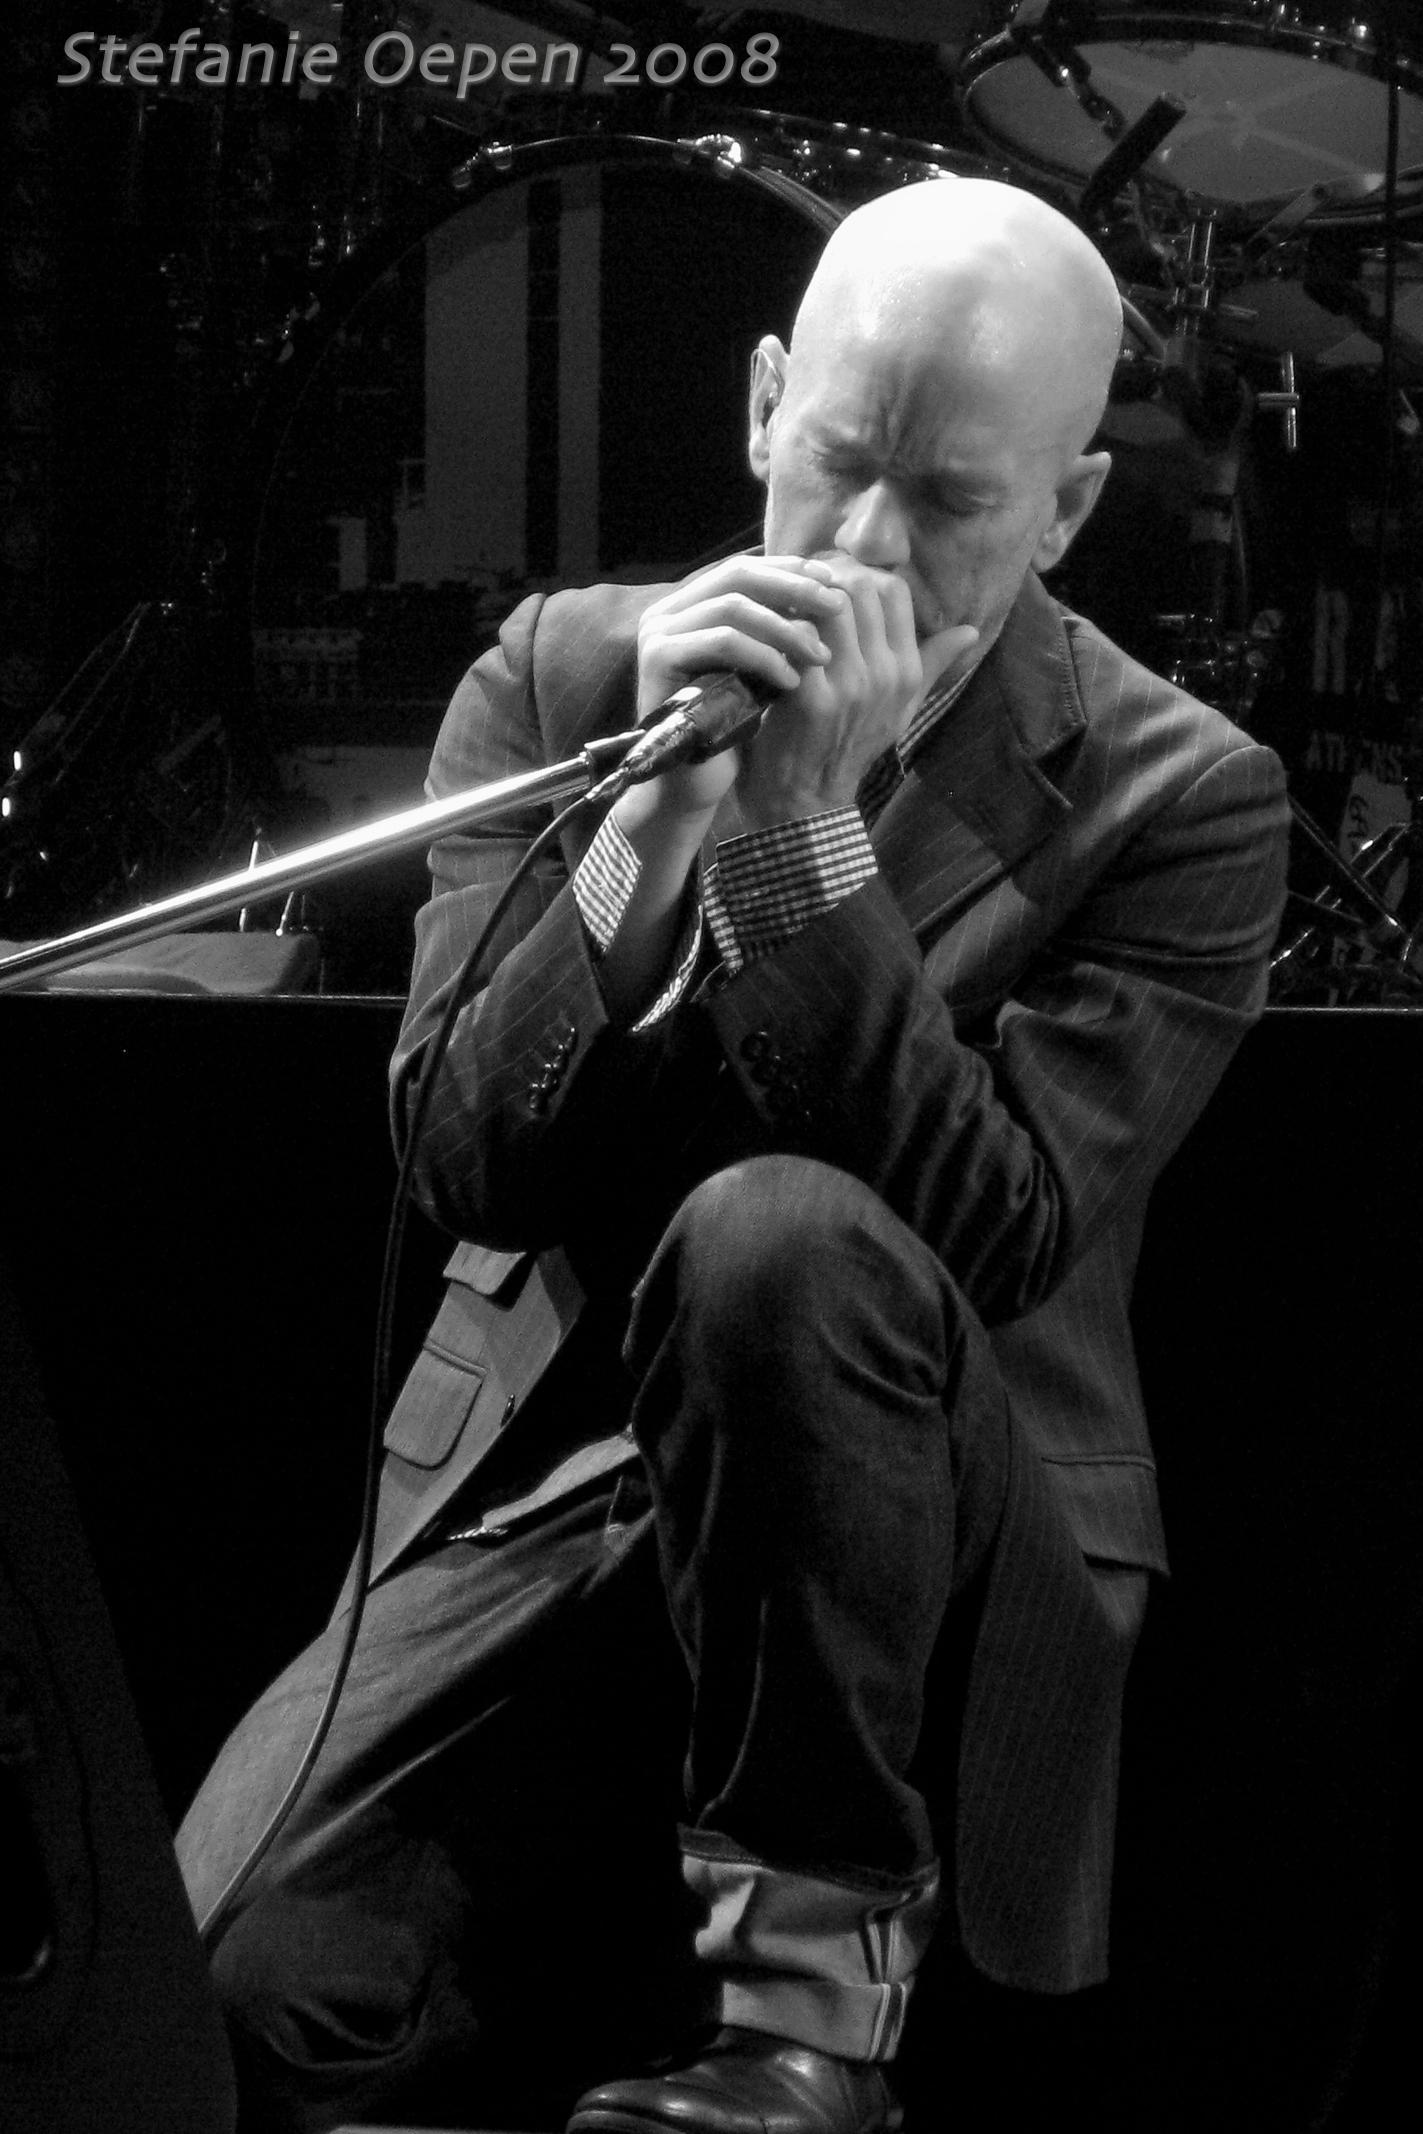 Michael Stipe (R.E.M.), Oberhausen 2008